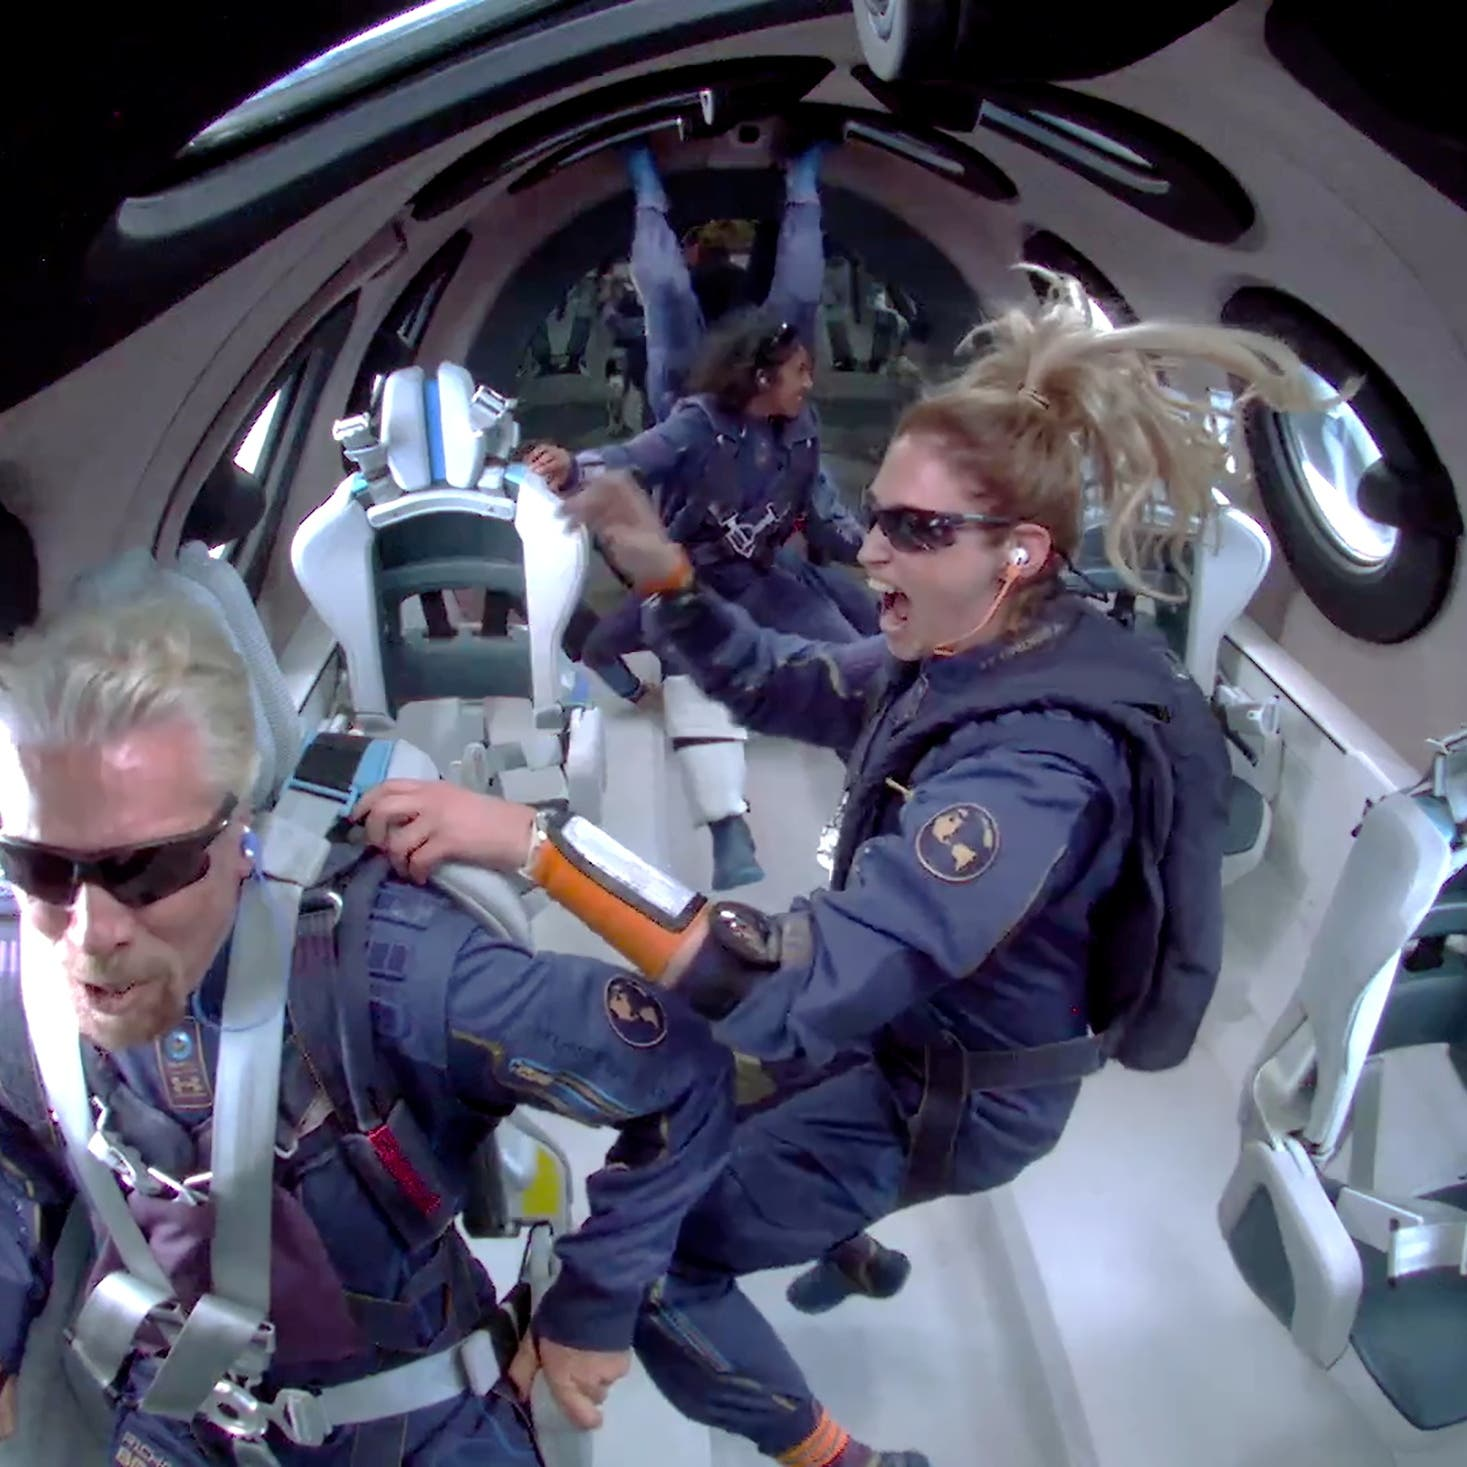 بعد سفره للفضاء.. برانسون يبيع أسهماً بـ 300 مليون دولار في فيرجن غالاكتيك